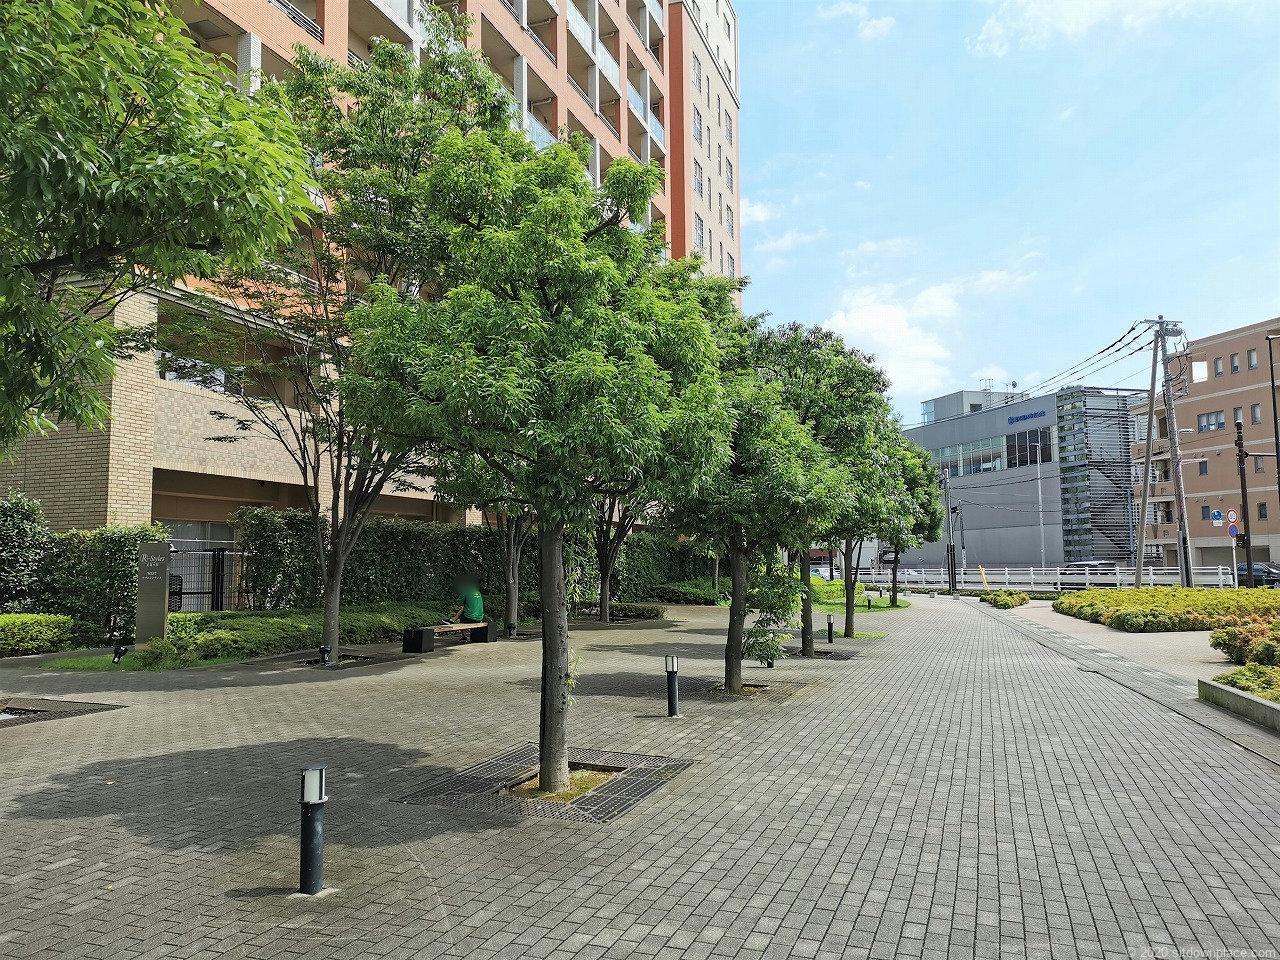 武蔵小杉駅 R-Styles公開空地の休憩場所2